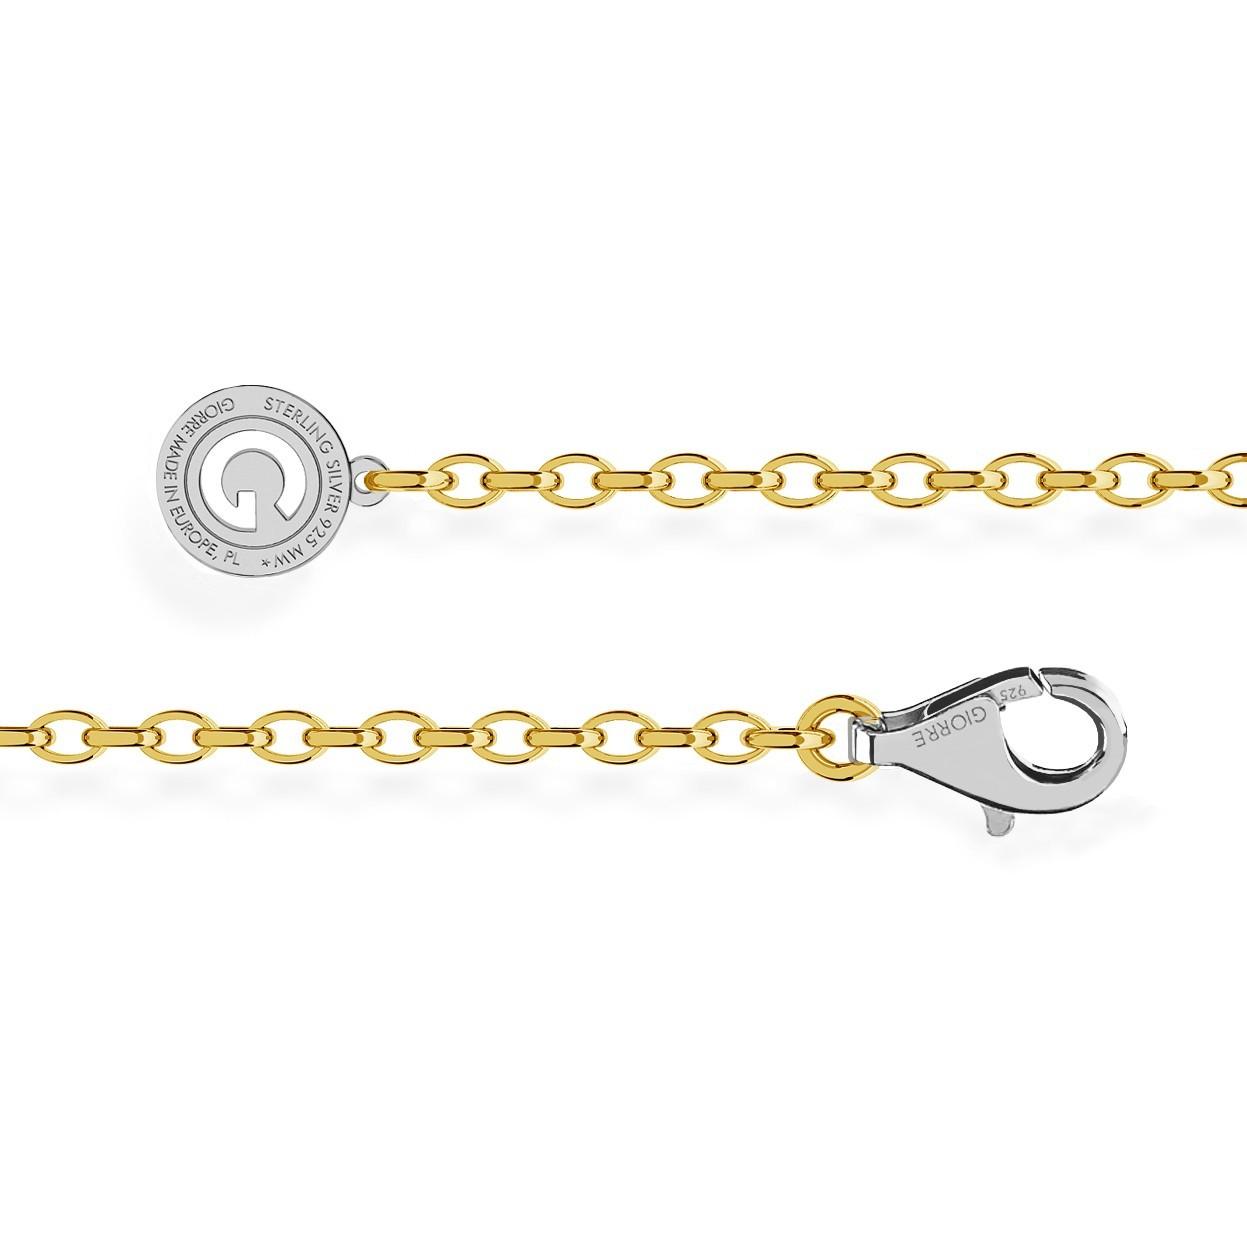 Bracelet en argent 16-24 cm or jaune, fermoir rhodium claire, lien 4x3 mm